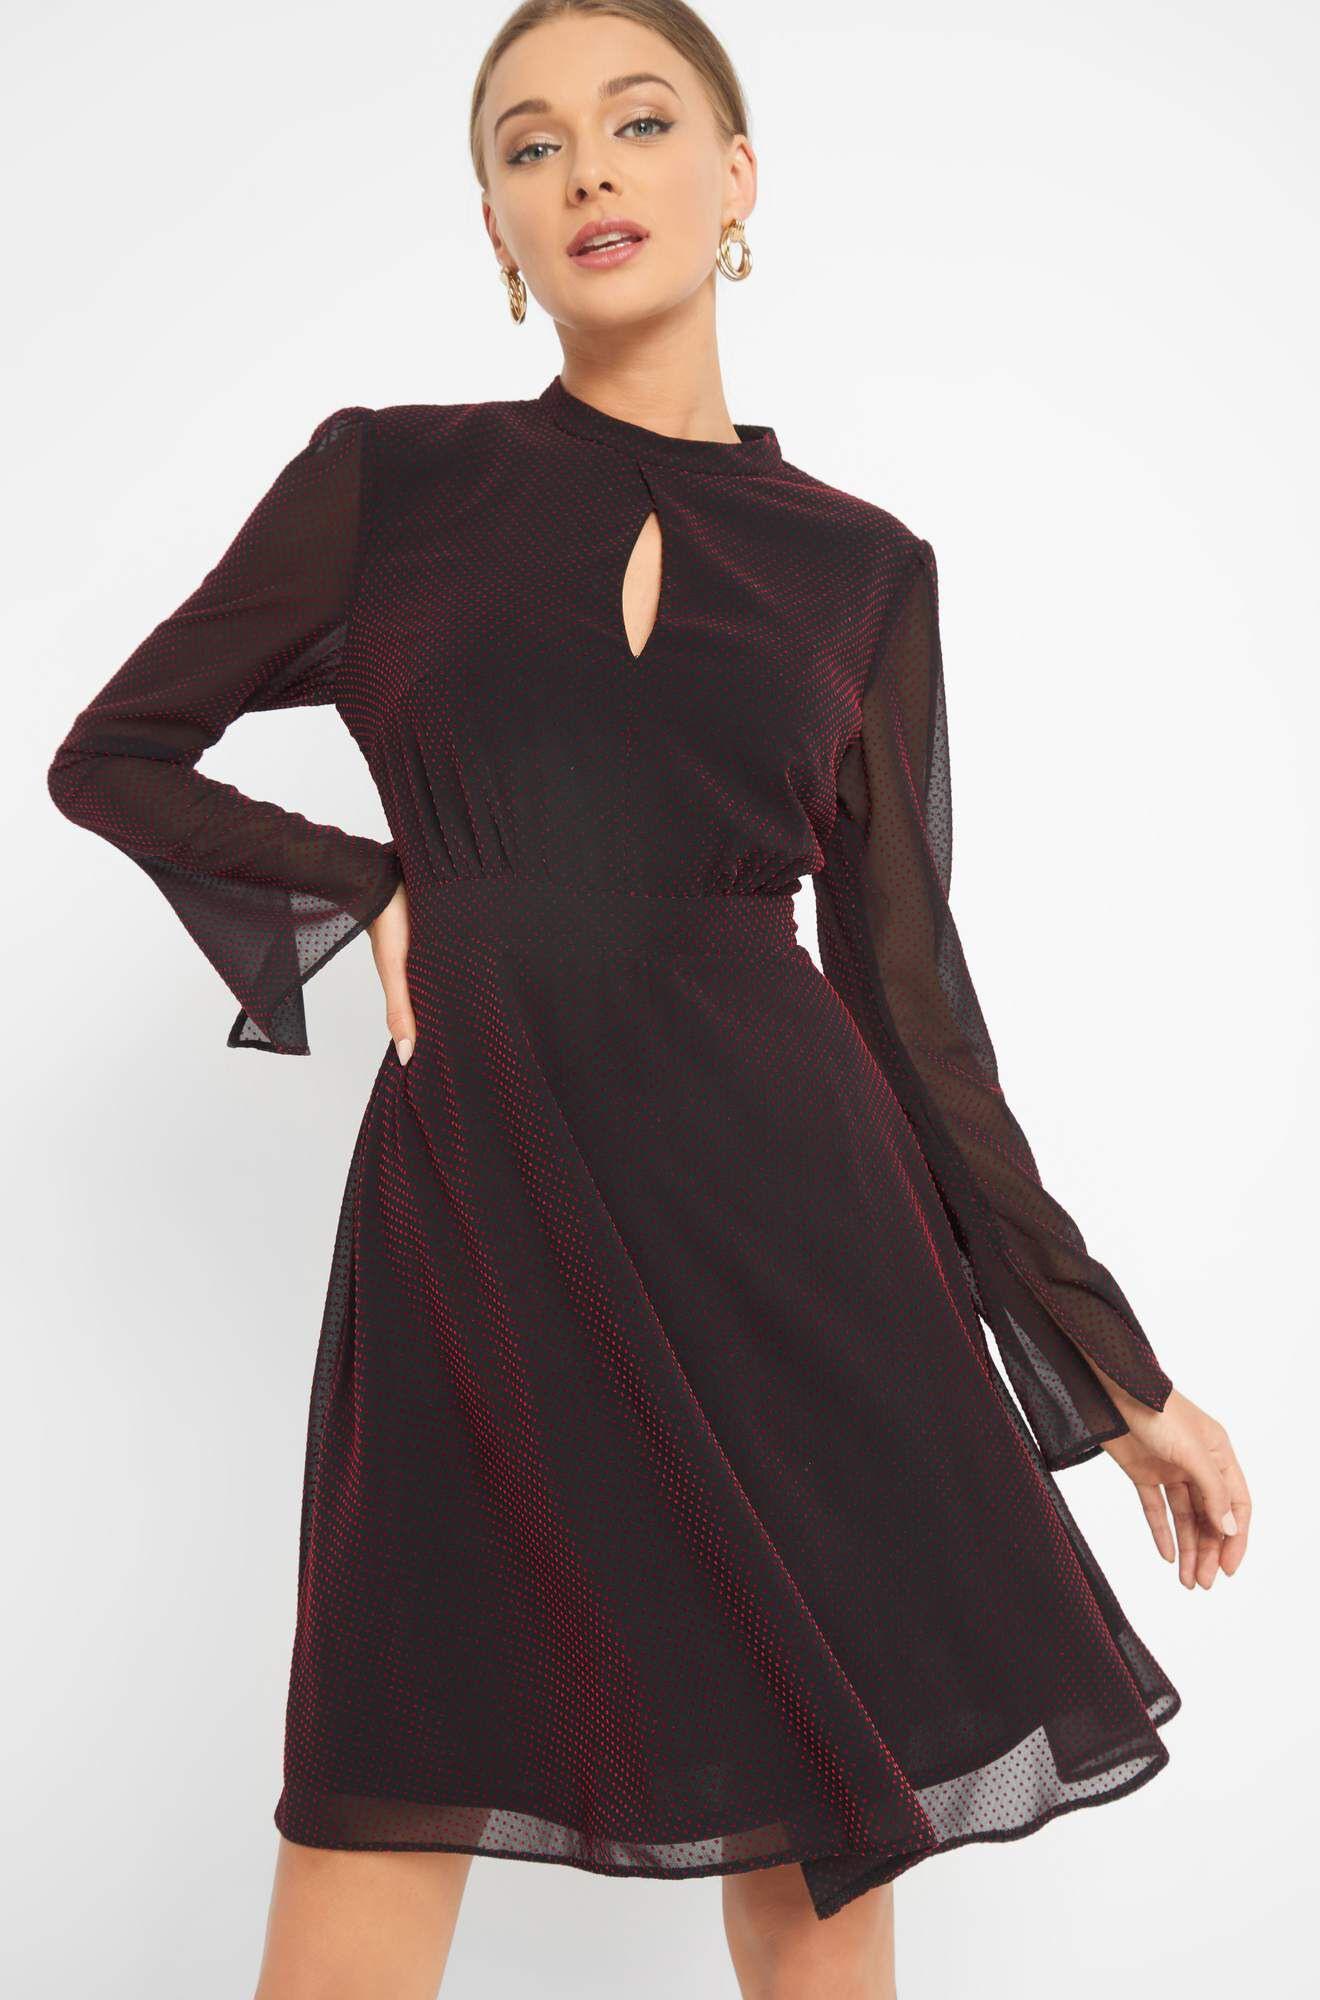 13 Schön Orsay Abend Kleider Bester Preis10 Spektakulär Orsay Abend Kleider Stylish